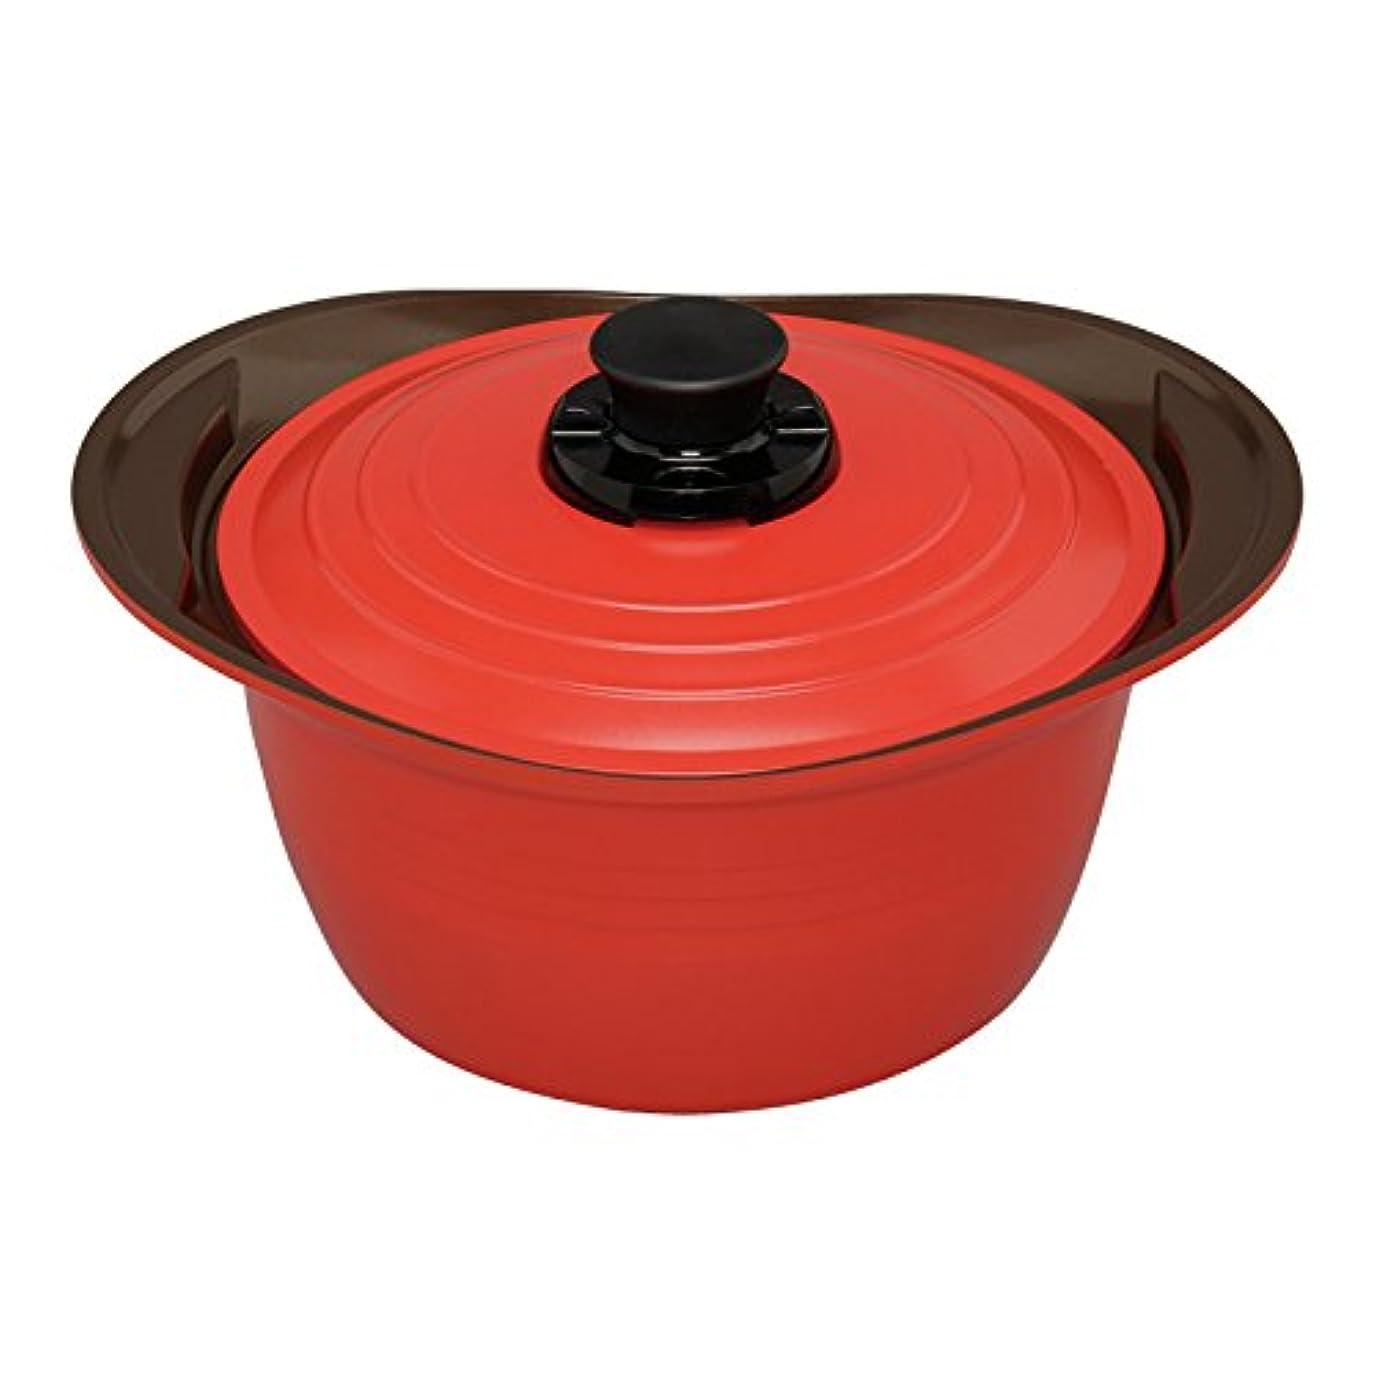 アイリスオーヤマ 両手鍋 無加水鍋 24cm 深型 レッド MKS-P24D